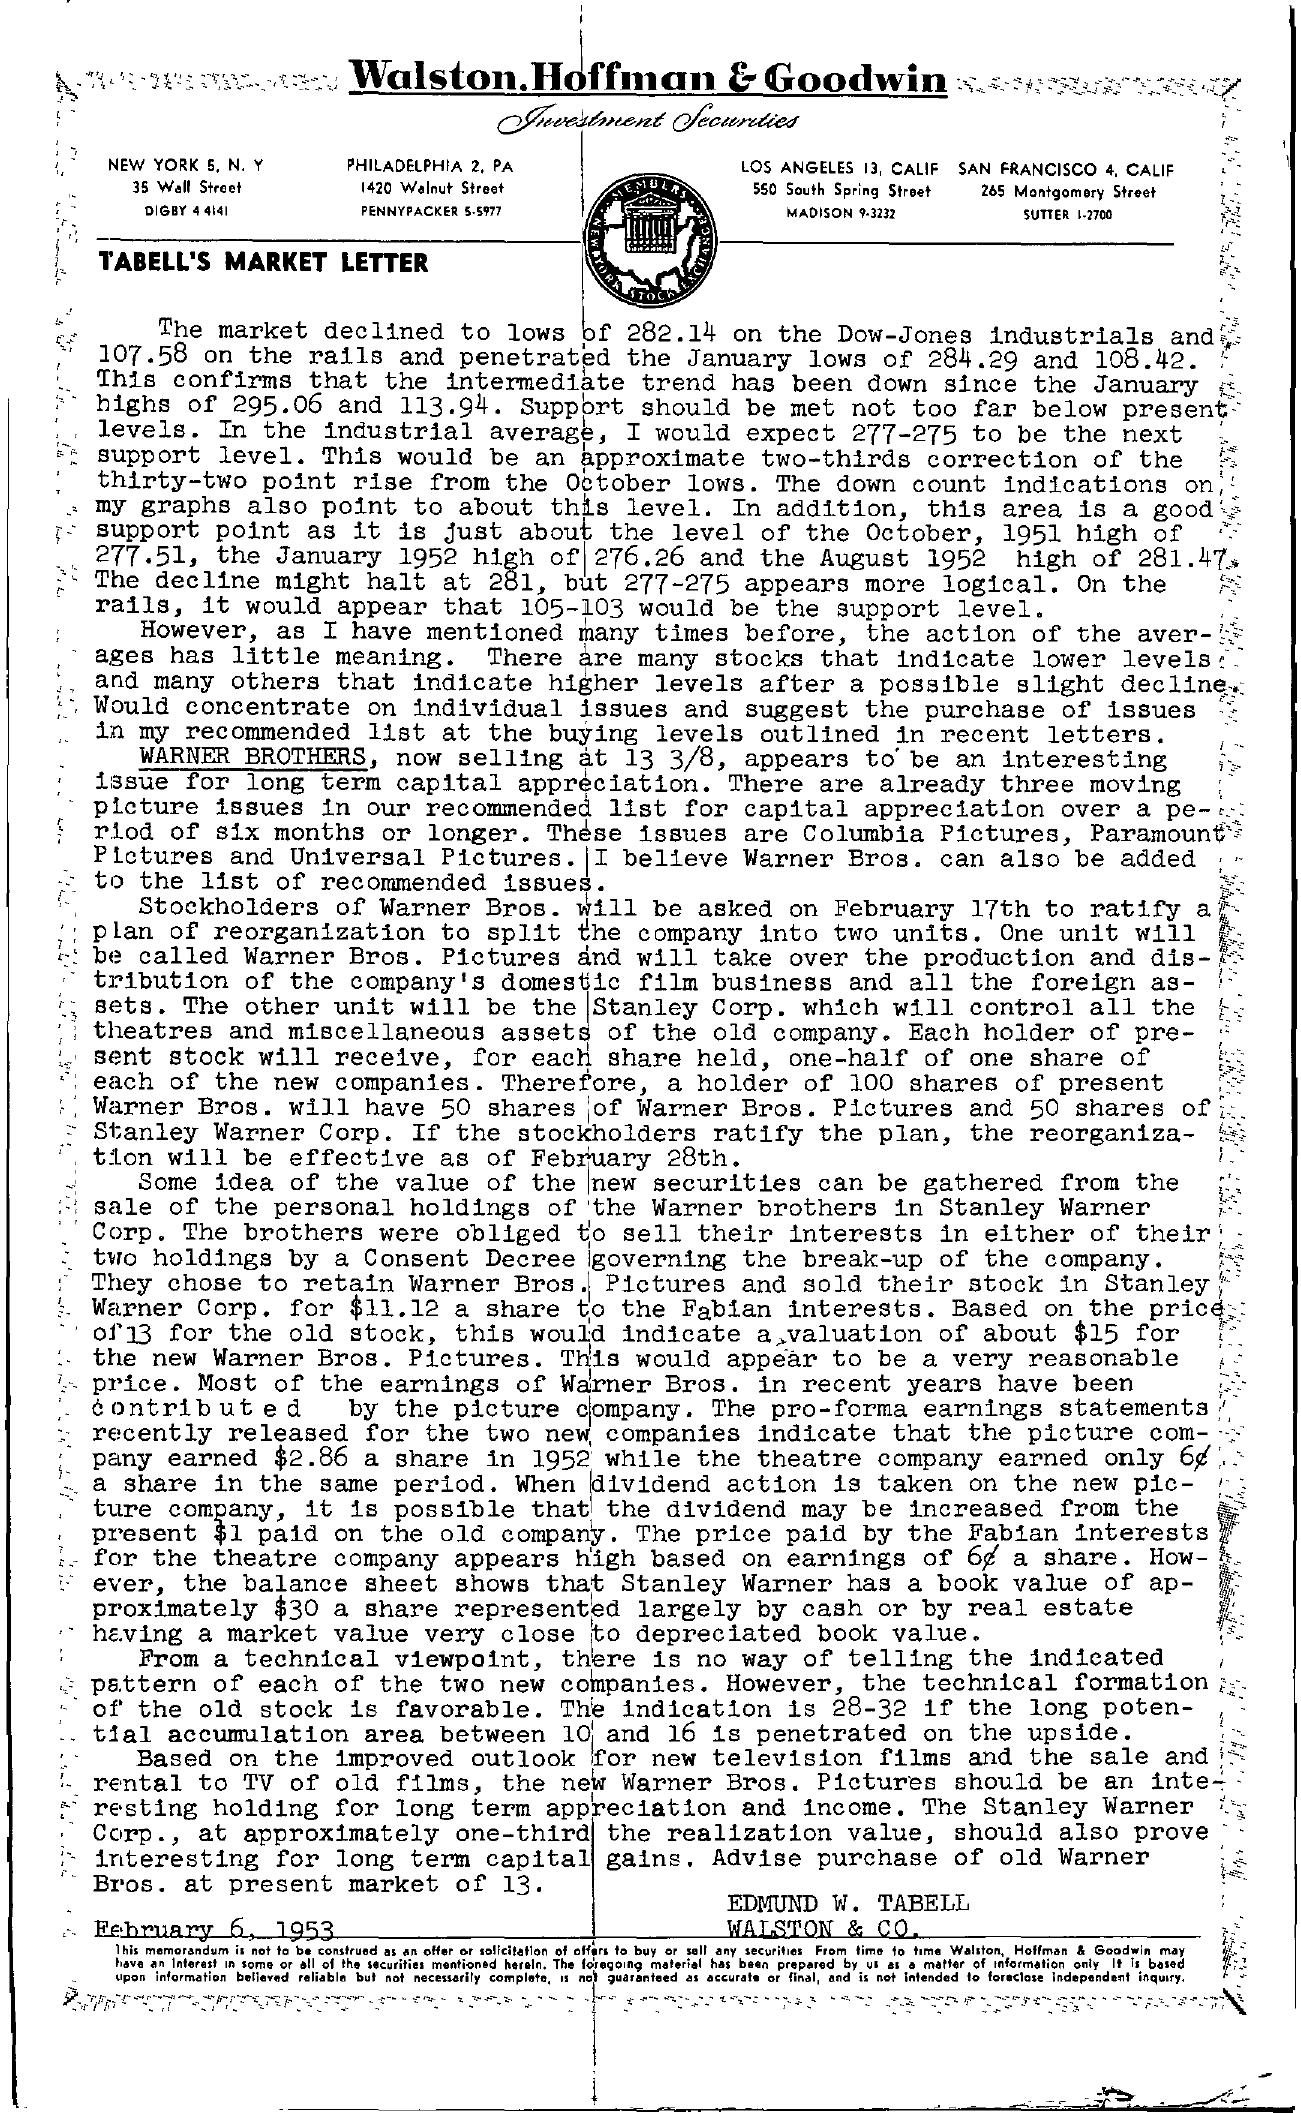 Tabell's Market Letter - February 06, 1953